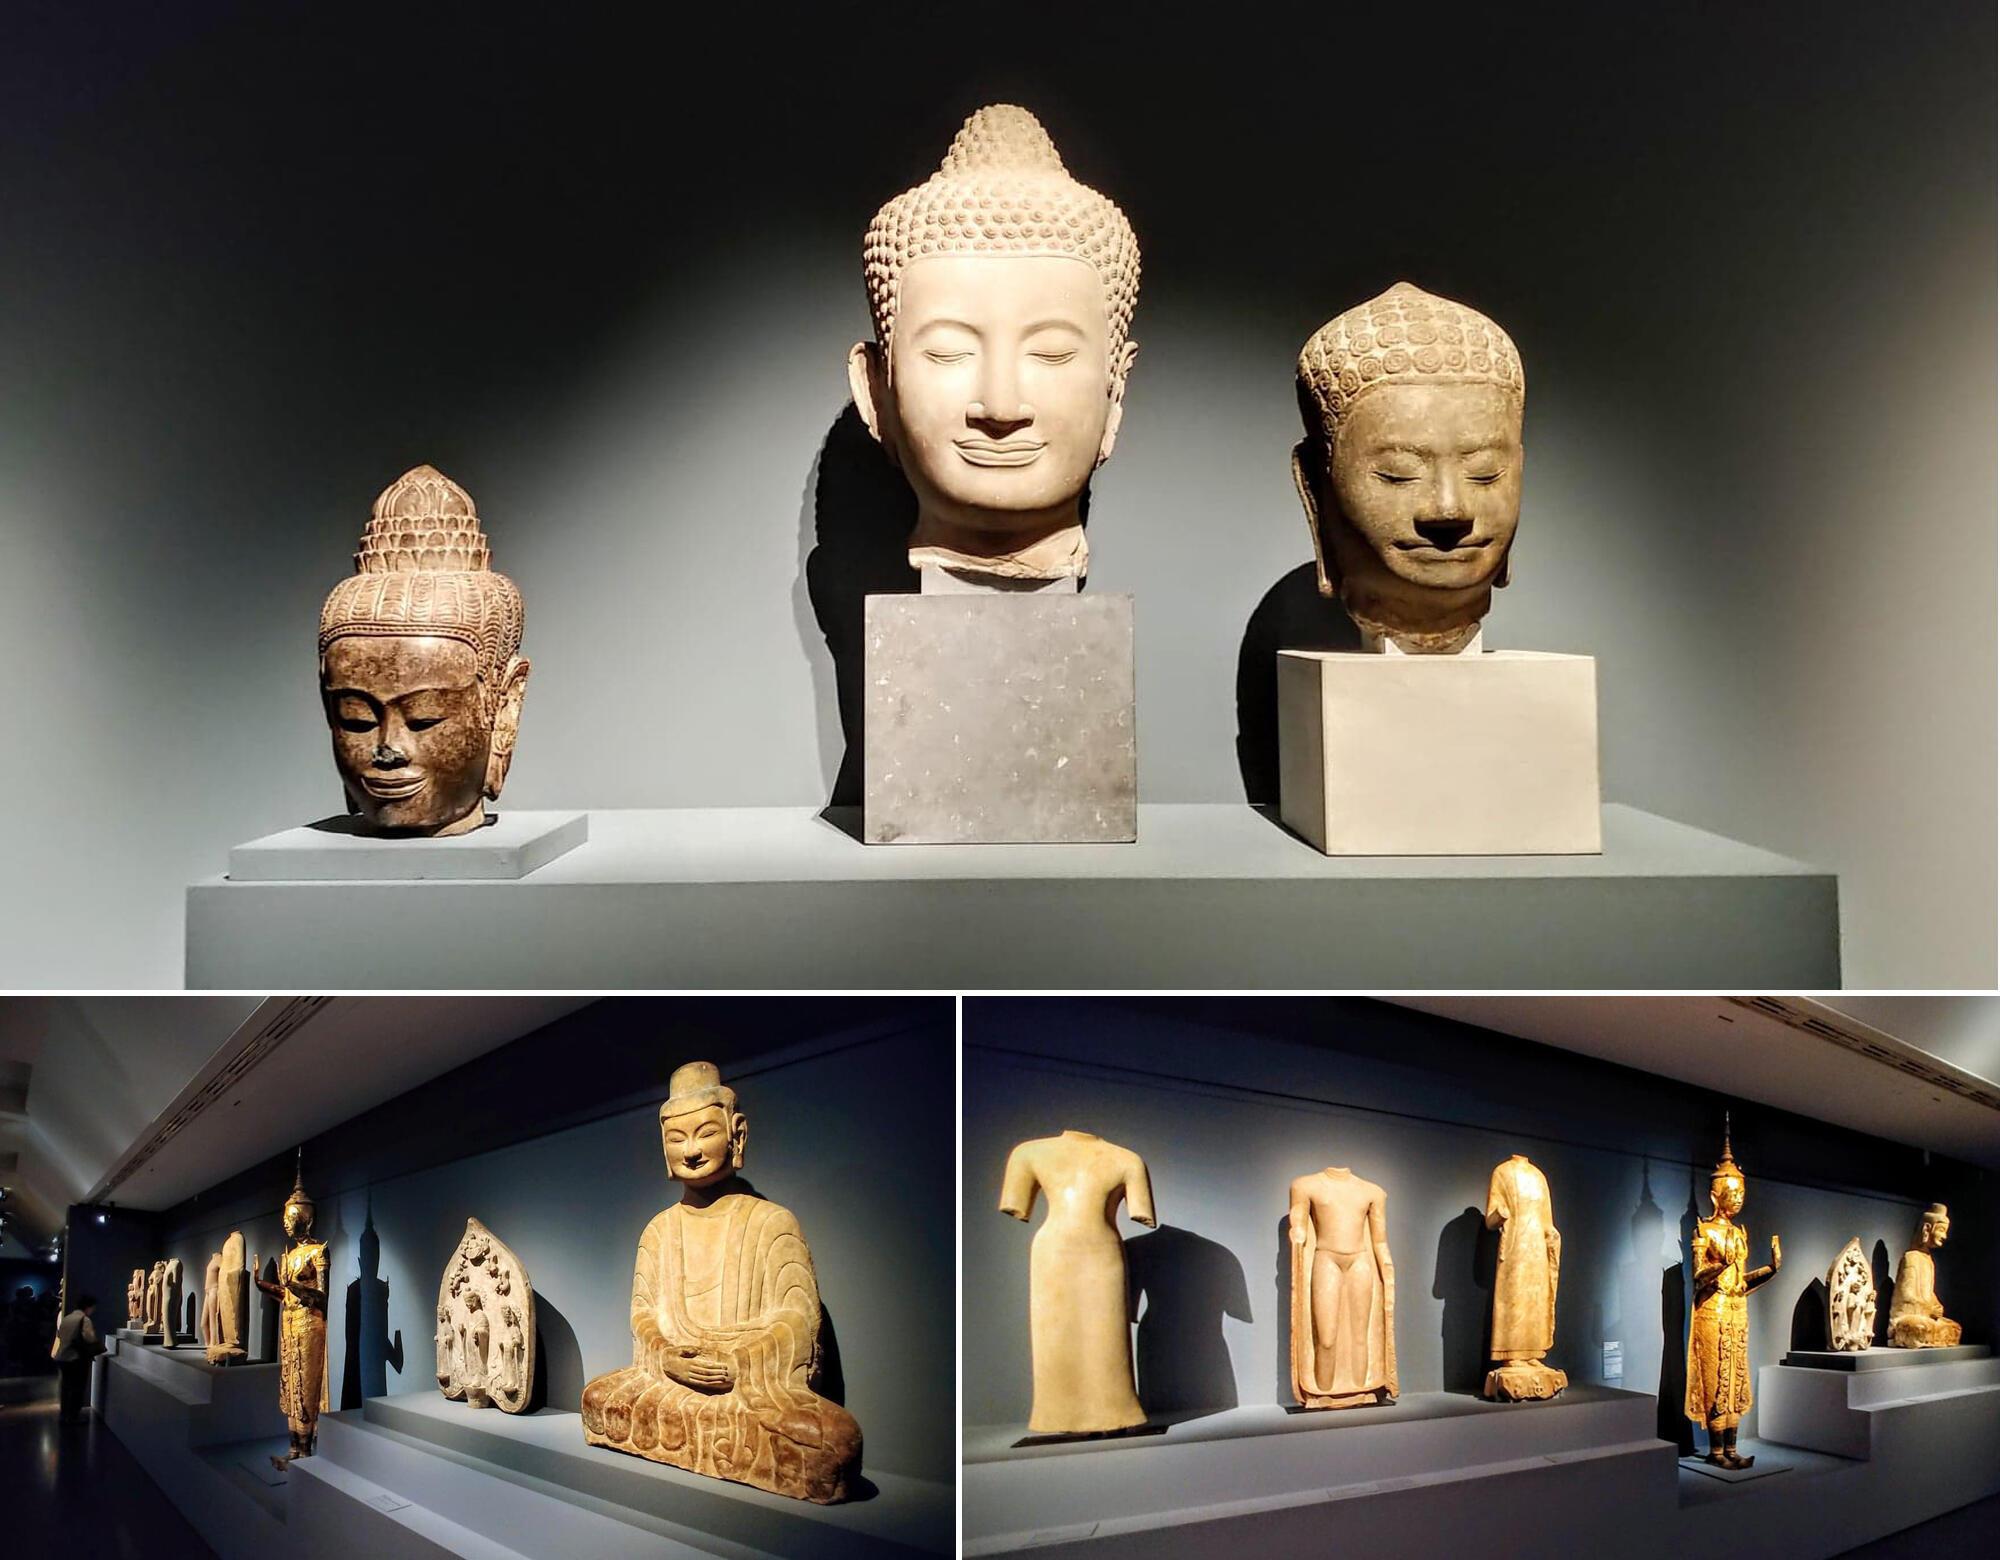 Sự thanh thoát nhẹ nhàng lan tỏa từ những pho tượng : Đức Phật khép mắt thiền định, môi nở nụ cười bình an